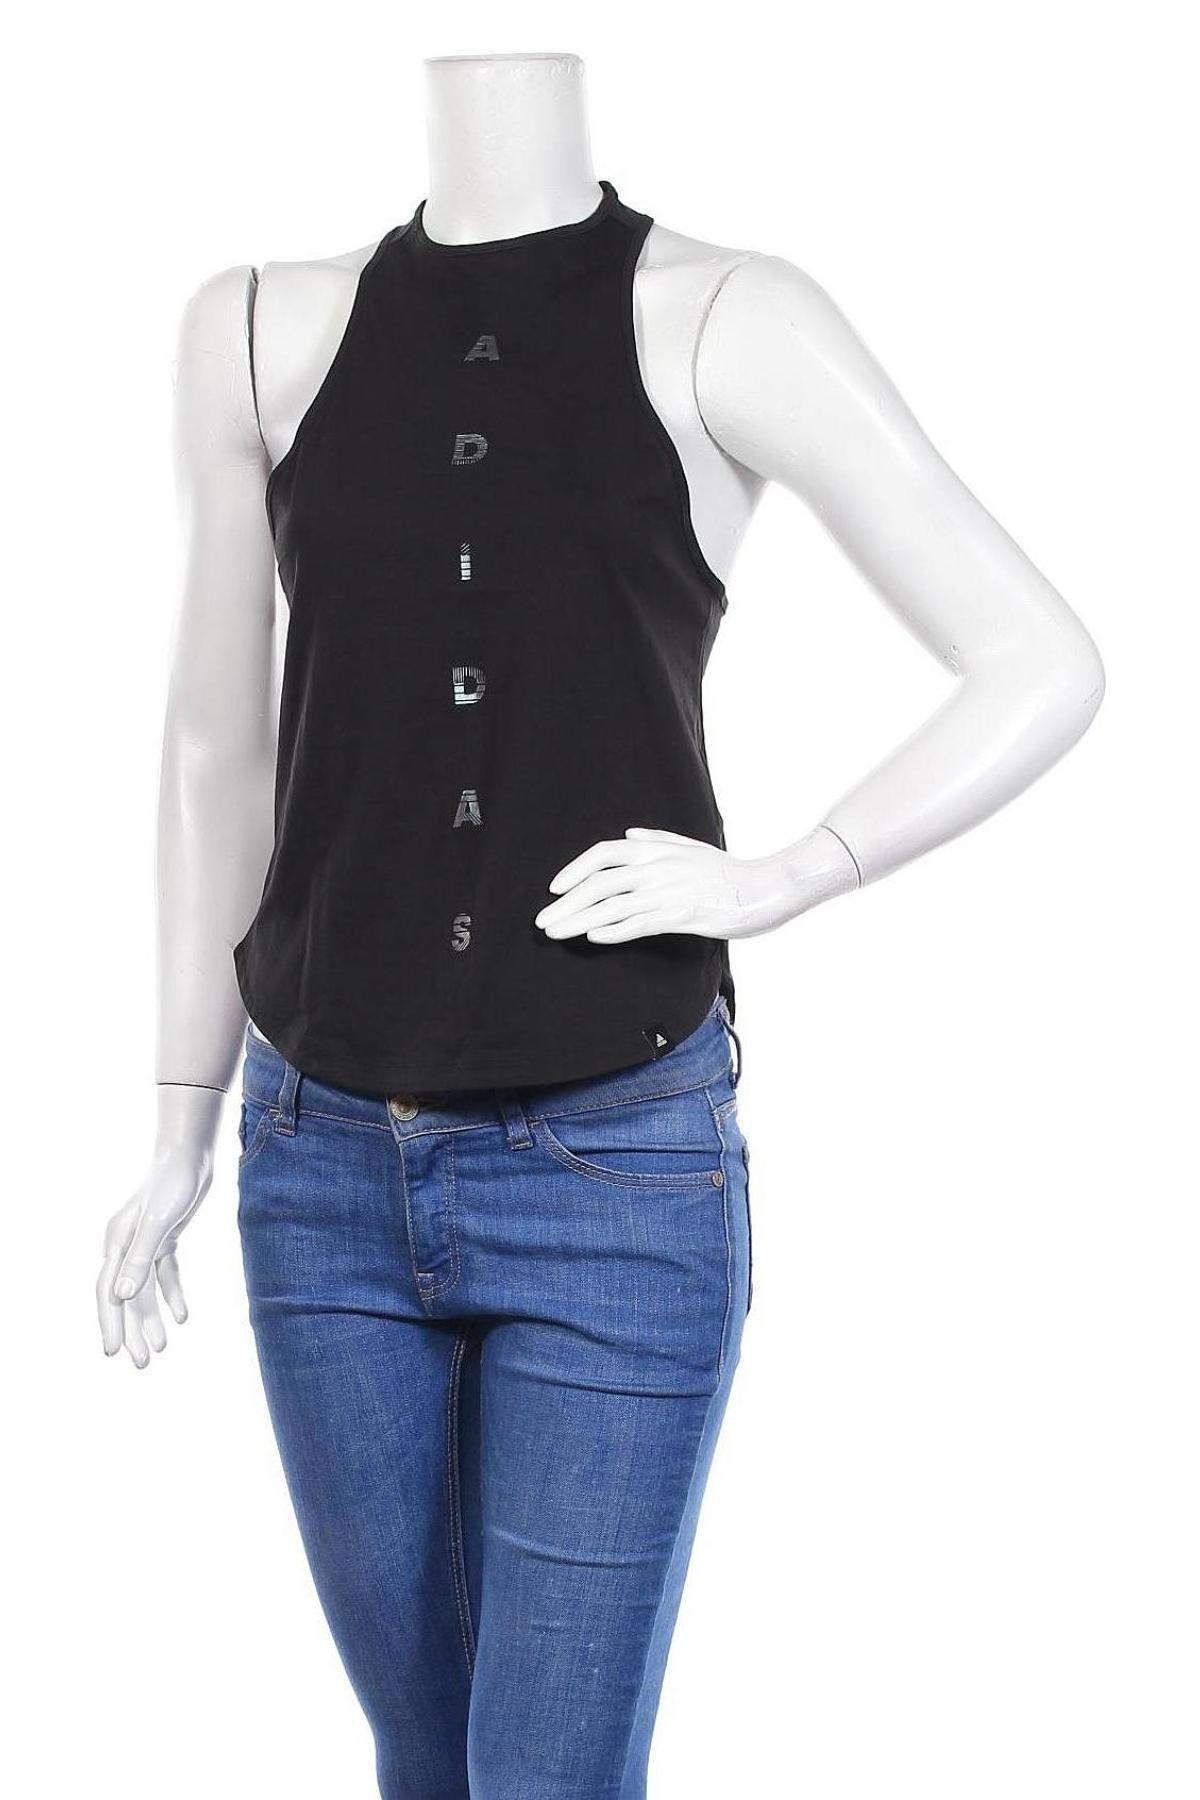 Γυναικείο αμάνικο μπλουζάκι Adidas, Μέγεθος XS, Χρώμα Μαύρο, Βαμβάκι, Τιμή 24,74€